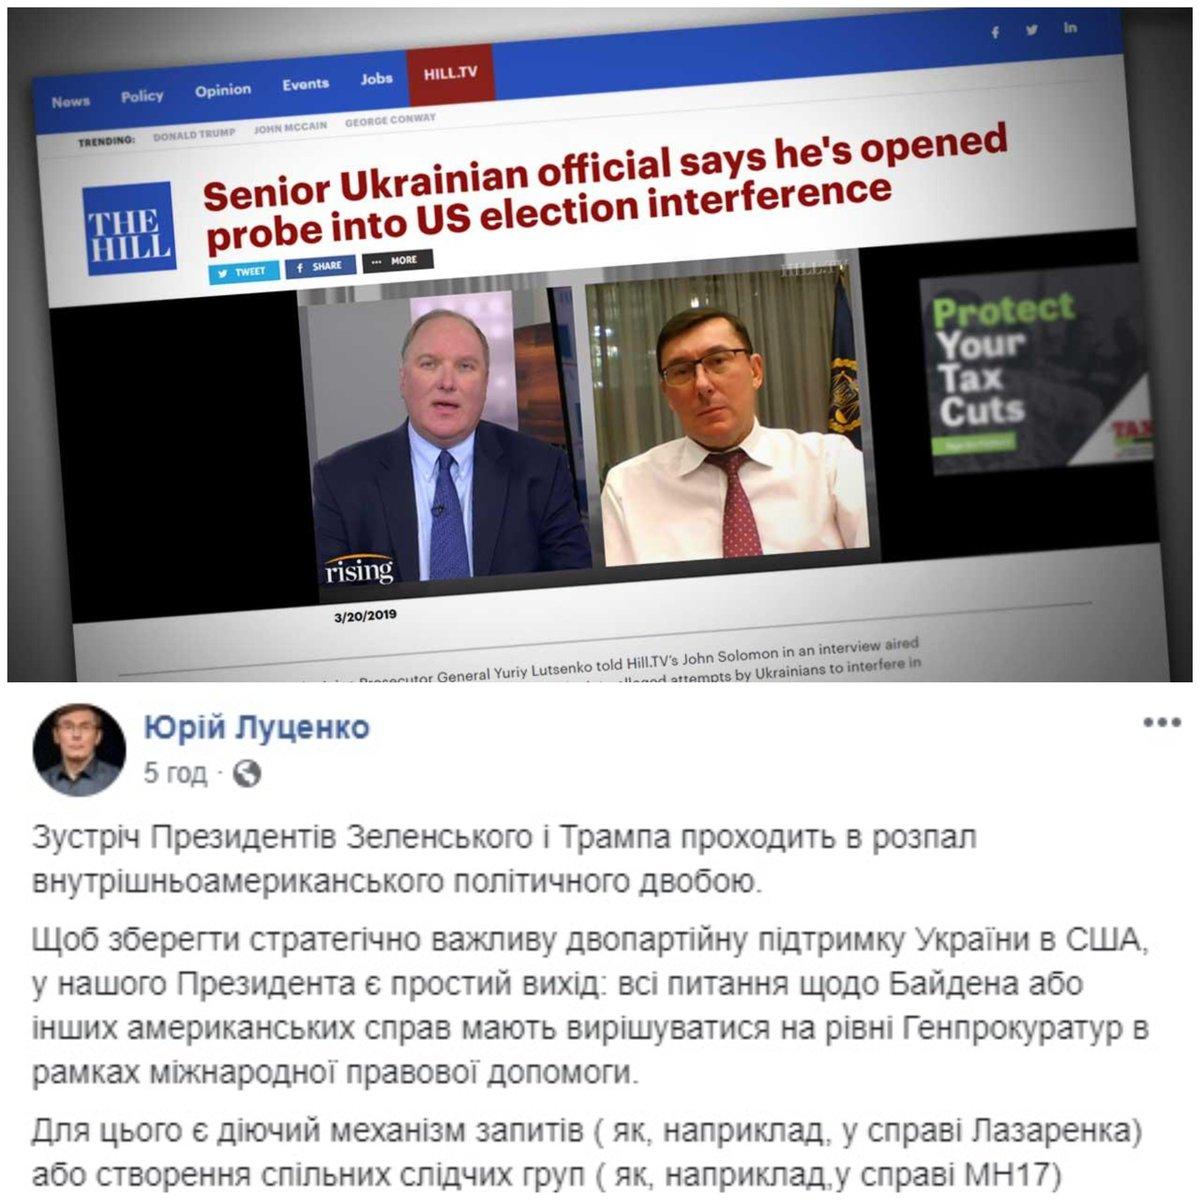 Стенограмма телефонного разговора с Зеленским будет обнародована 25 сентября, - Трамп - Цензор.НЕТ 9769